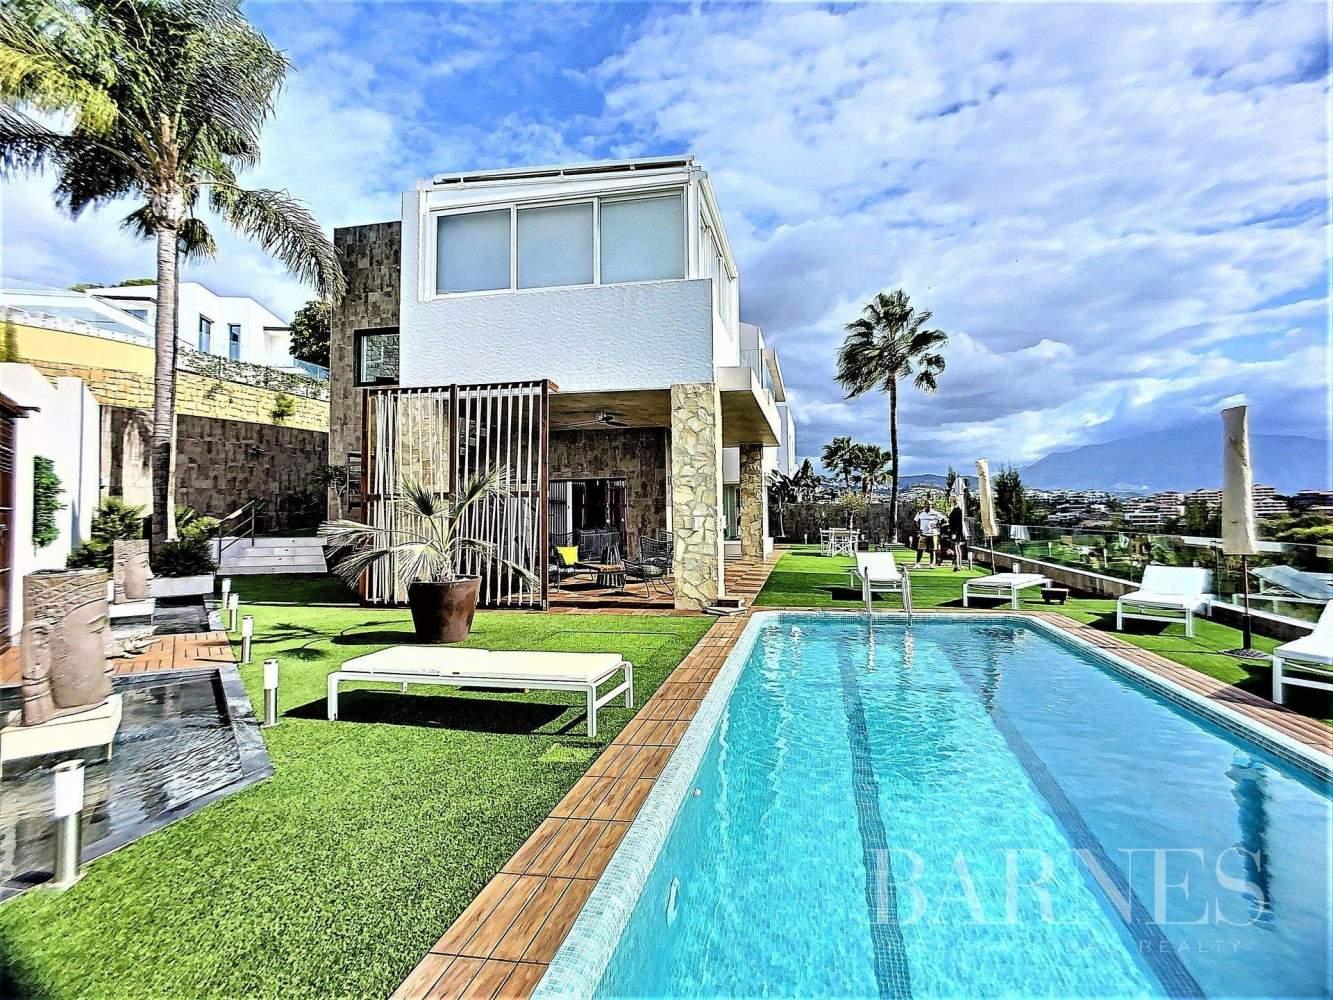 Benahavís  - Villa  3 Habitaciones - picture 2